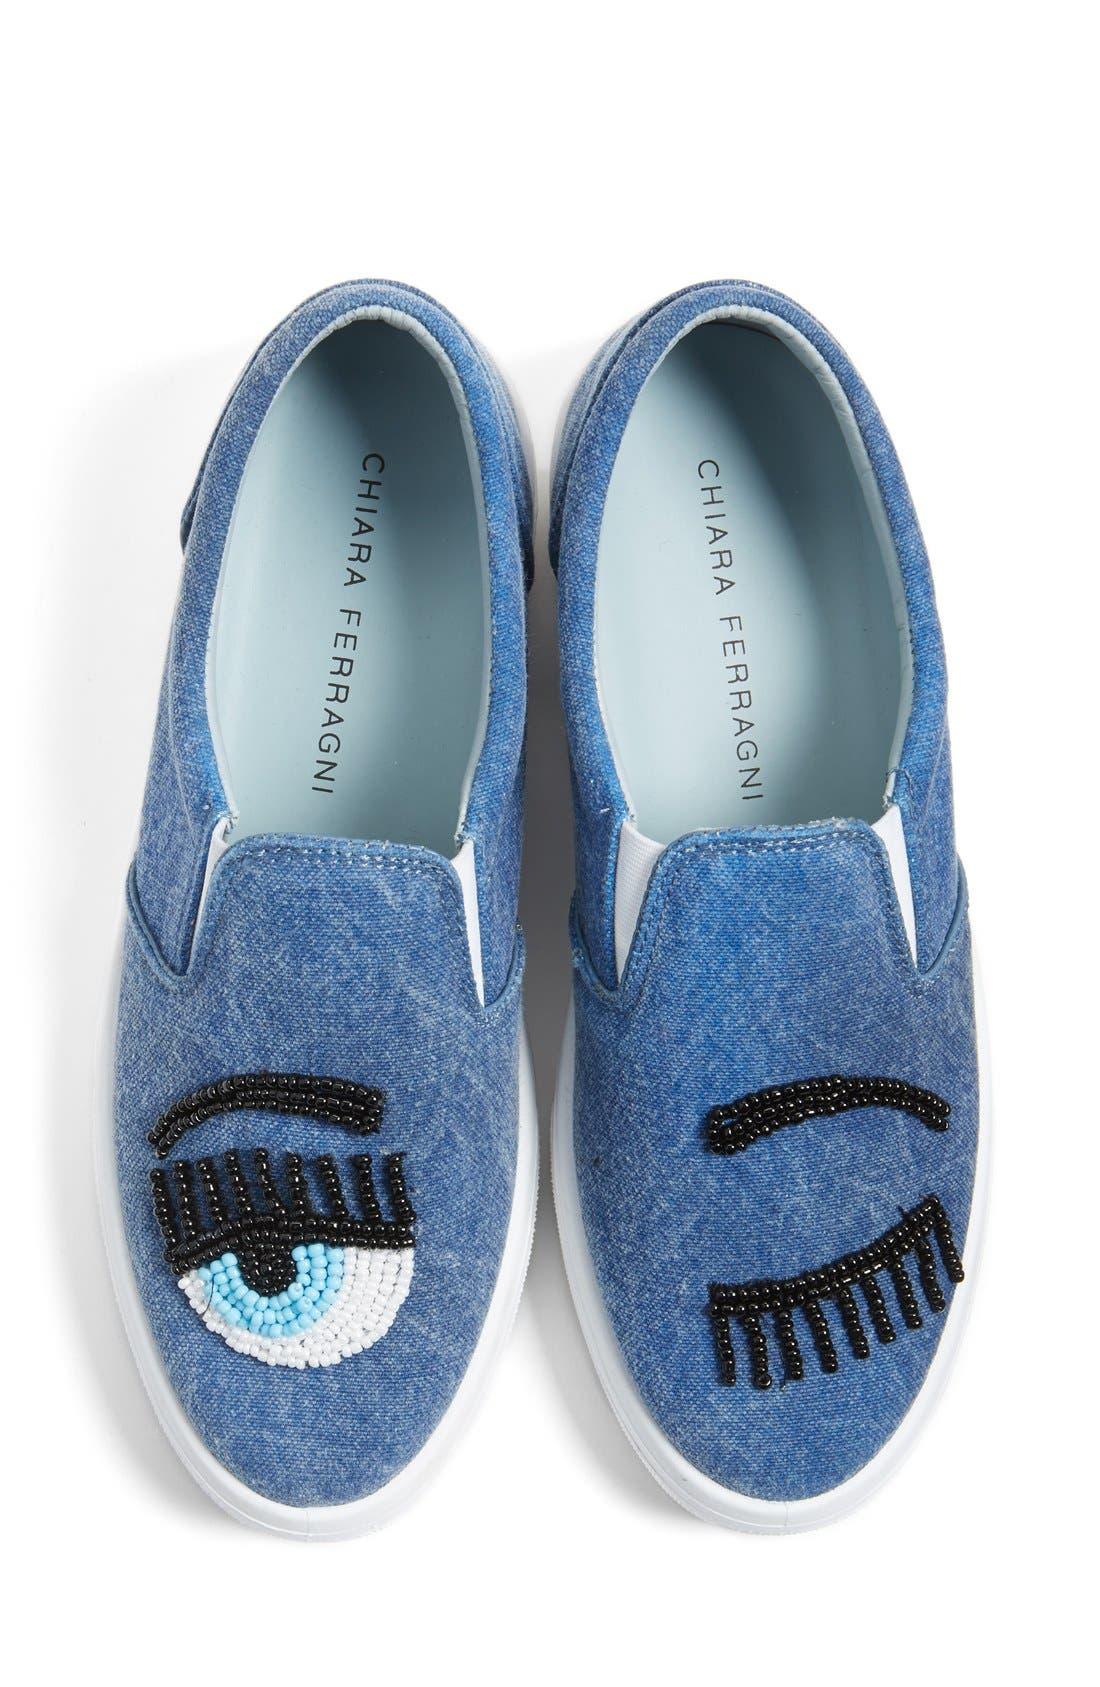 Alternate Image 1 Selected - Chiara Ferragni Flirting Beaded Slip-On Sneaker (Women)